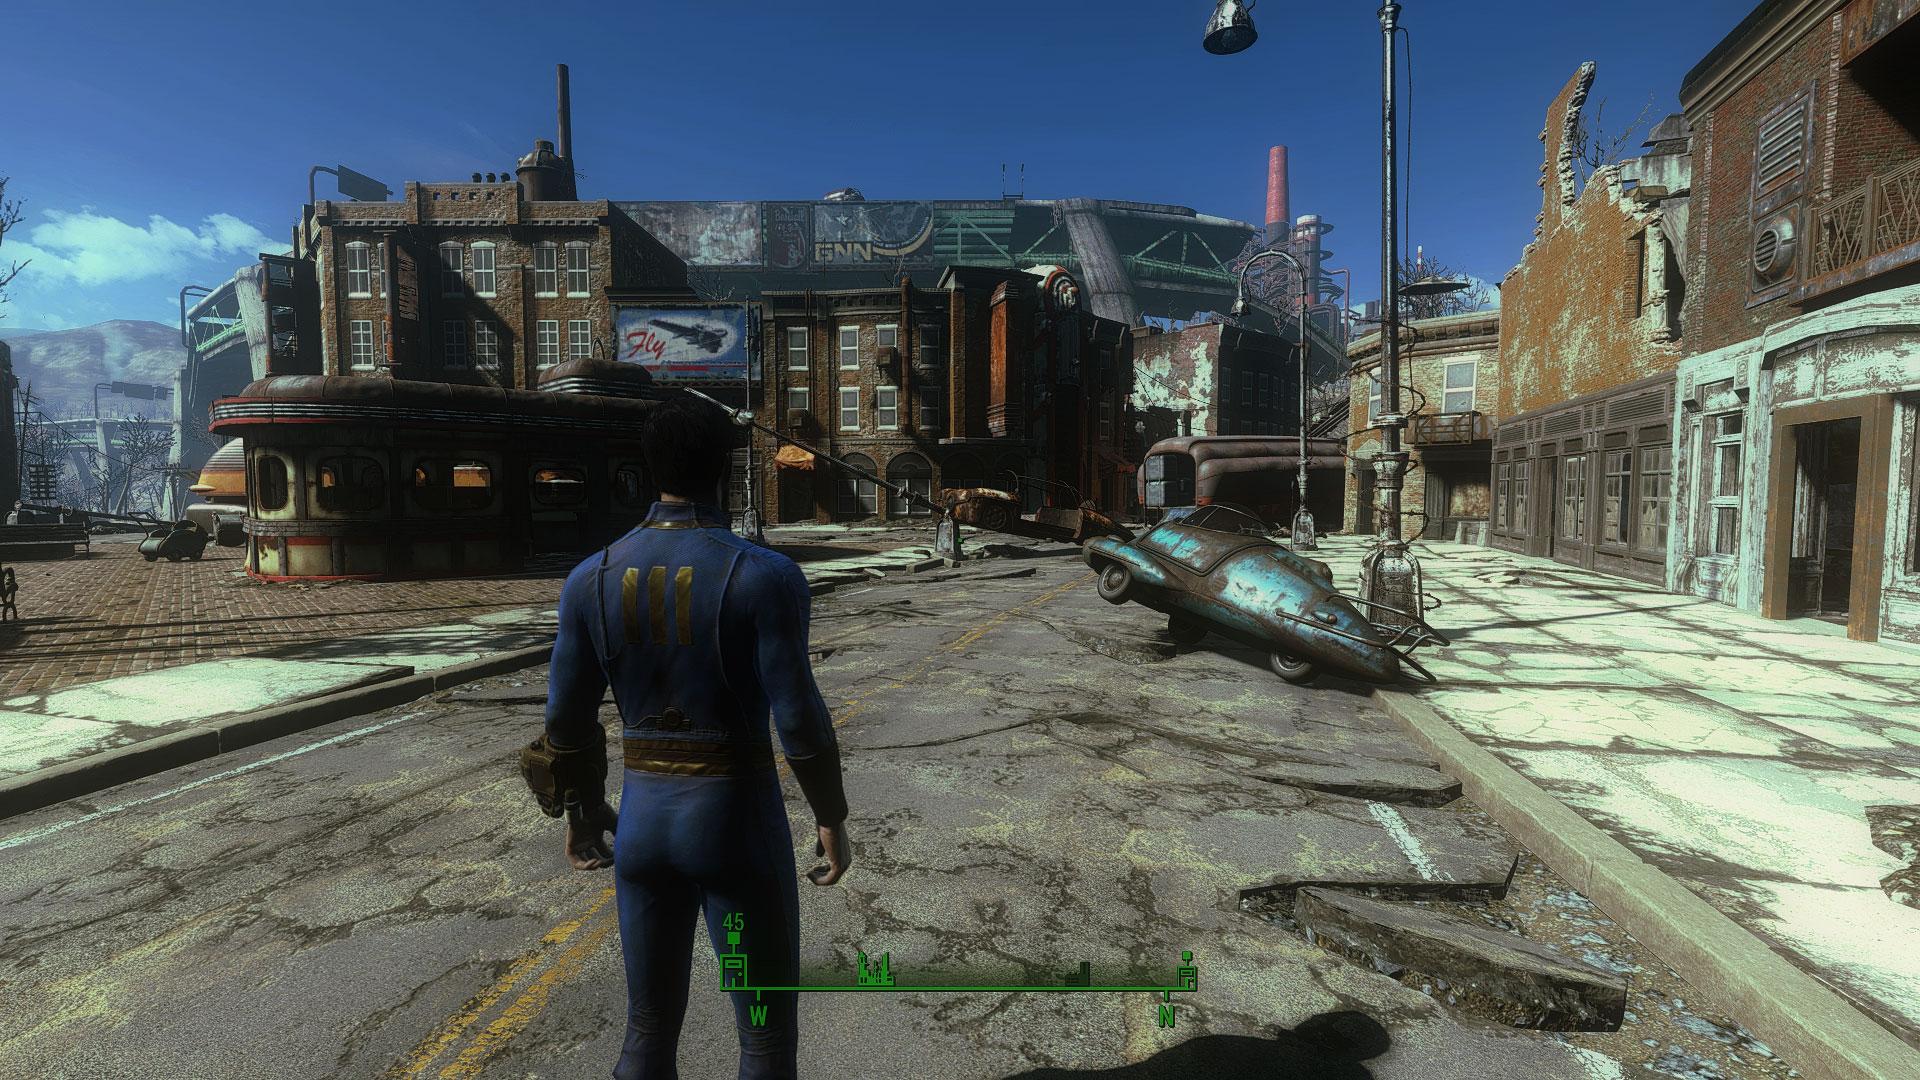 Fallout 4 Realistic Mod